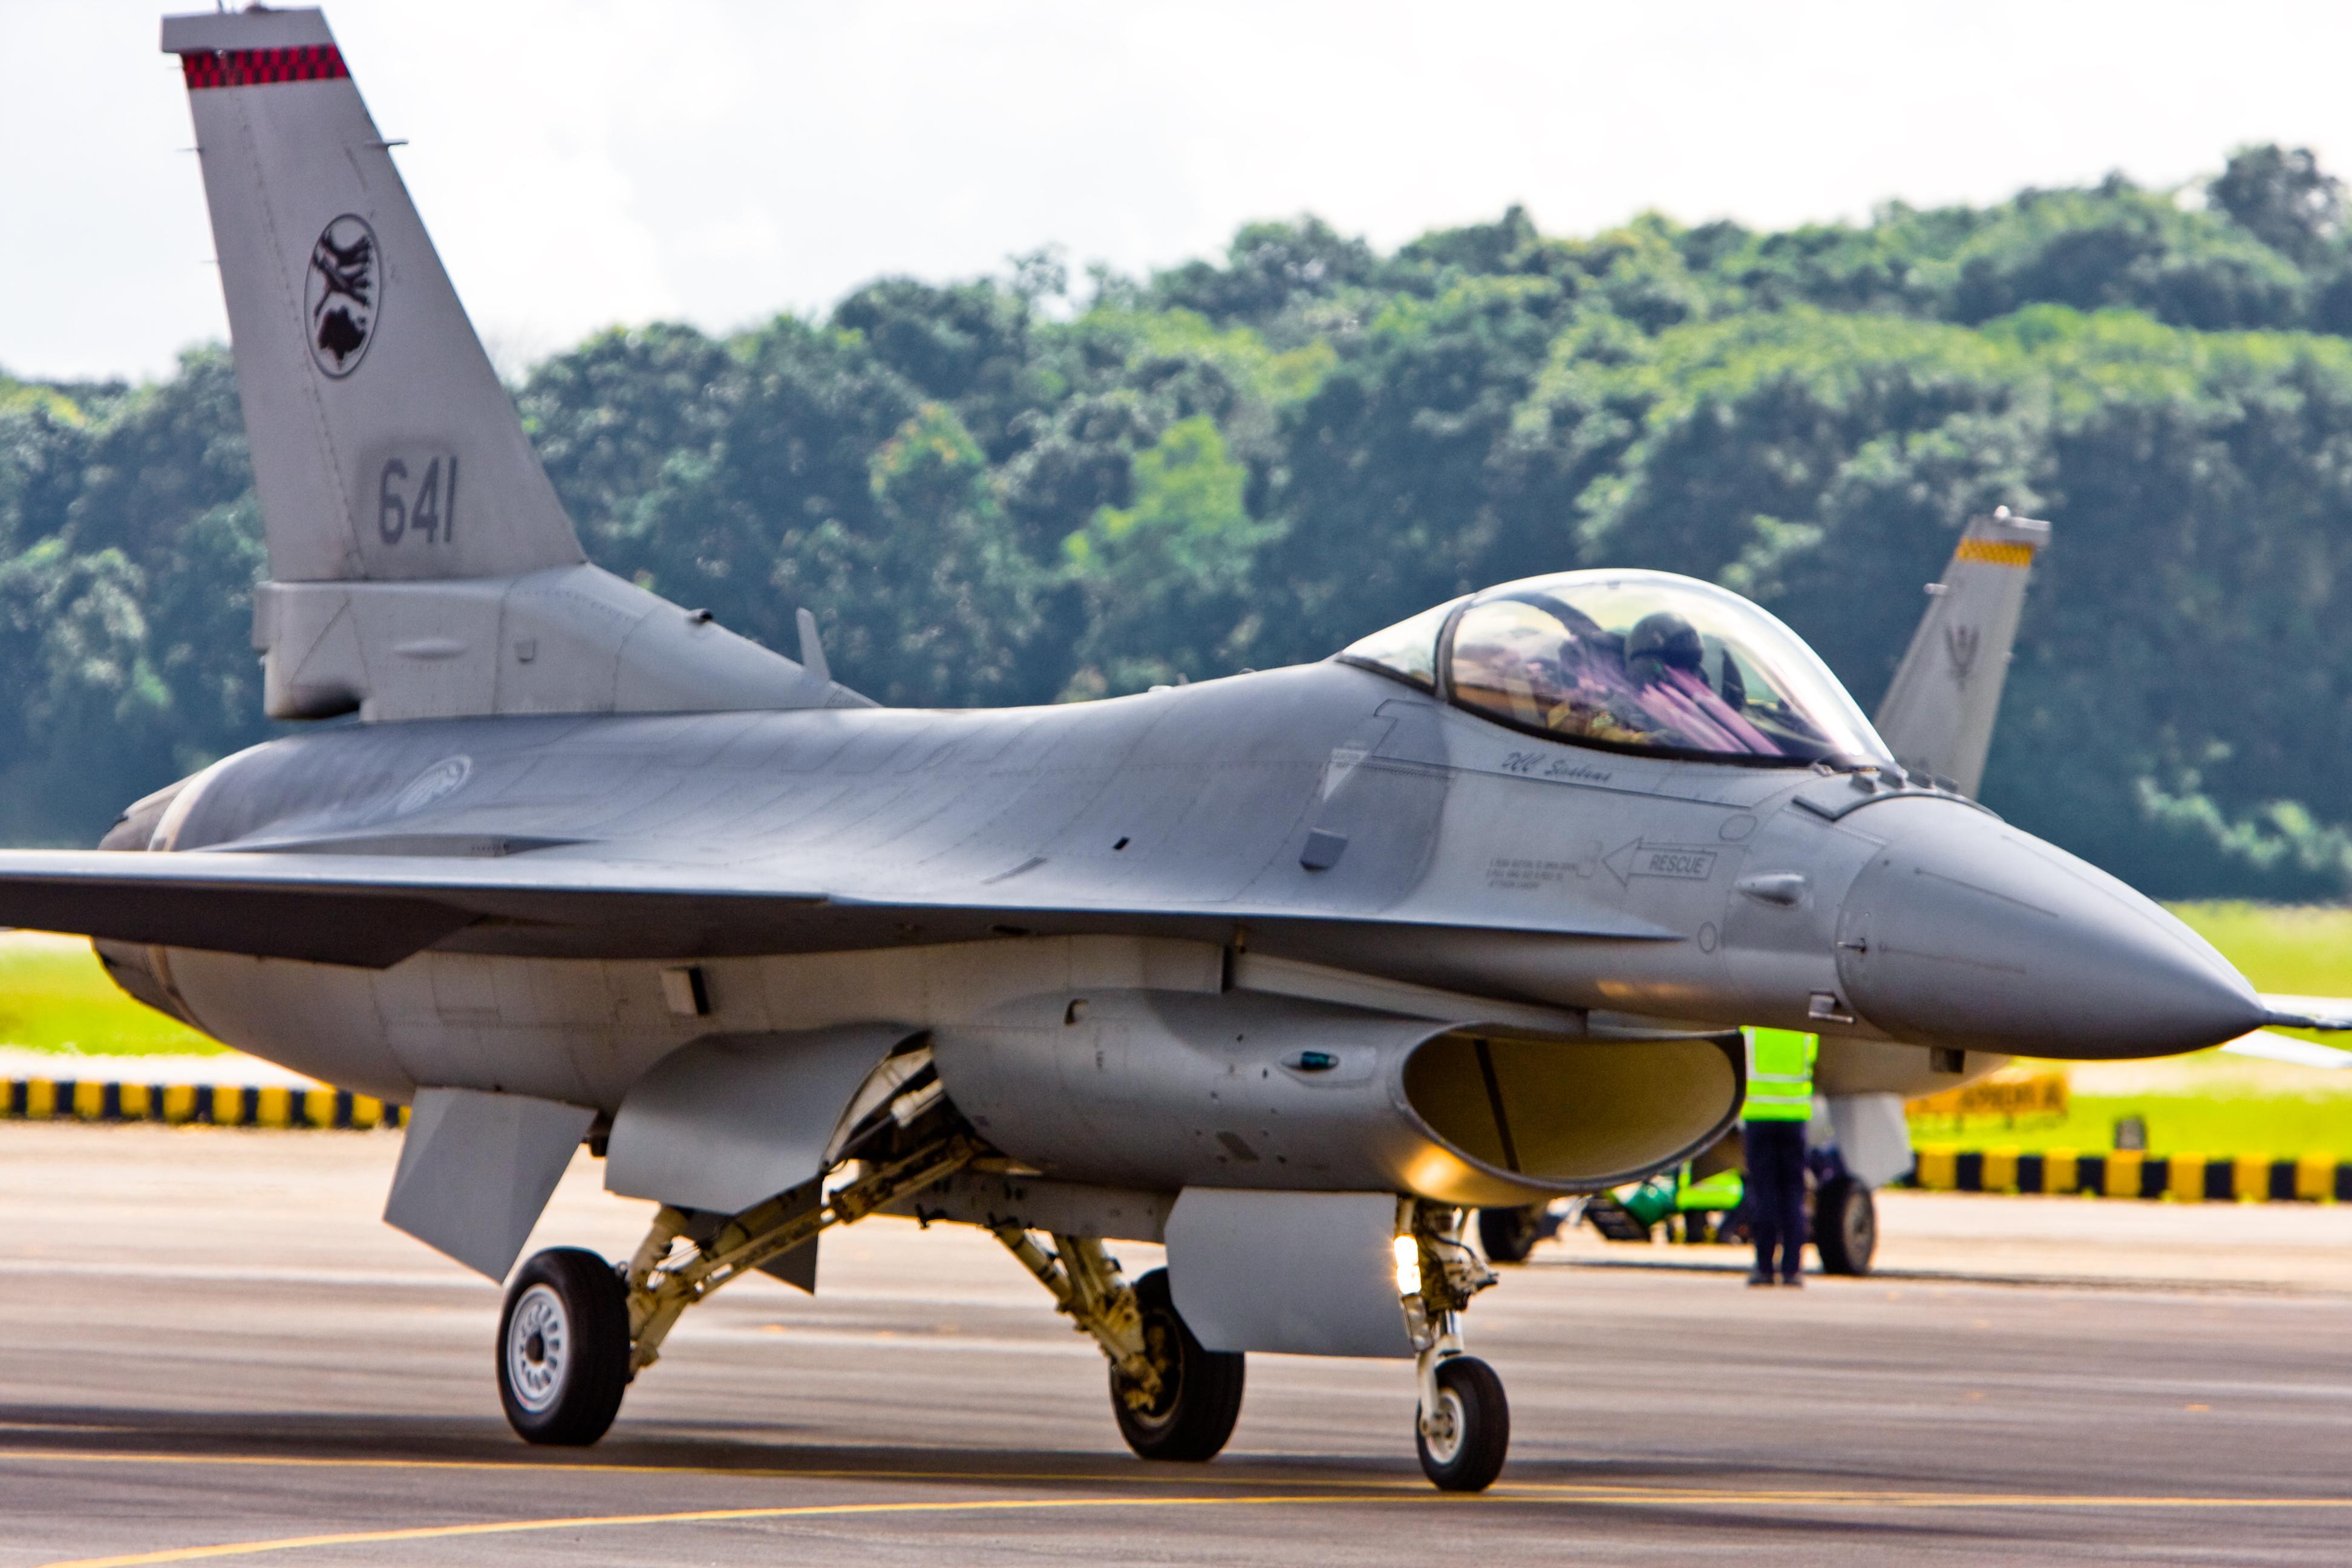 F-16 C Block 52 milik RSAF (AU Singapura)